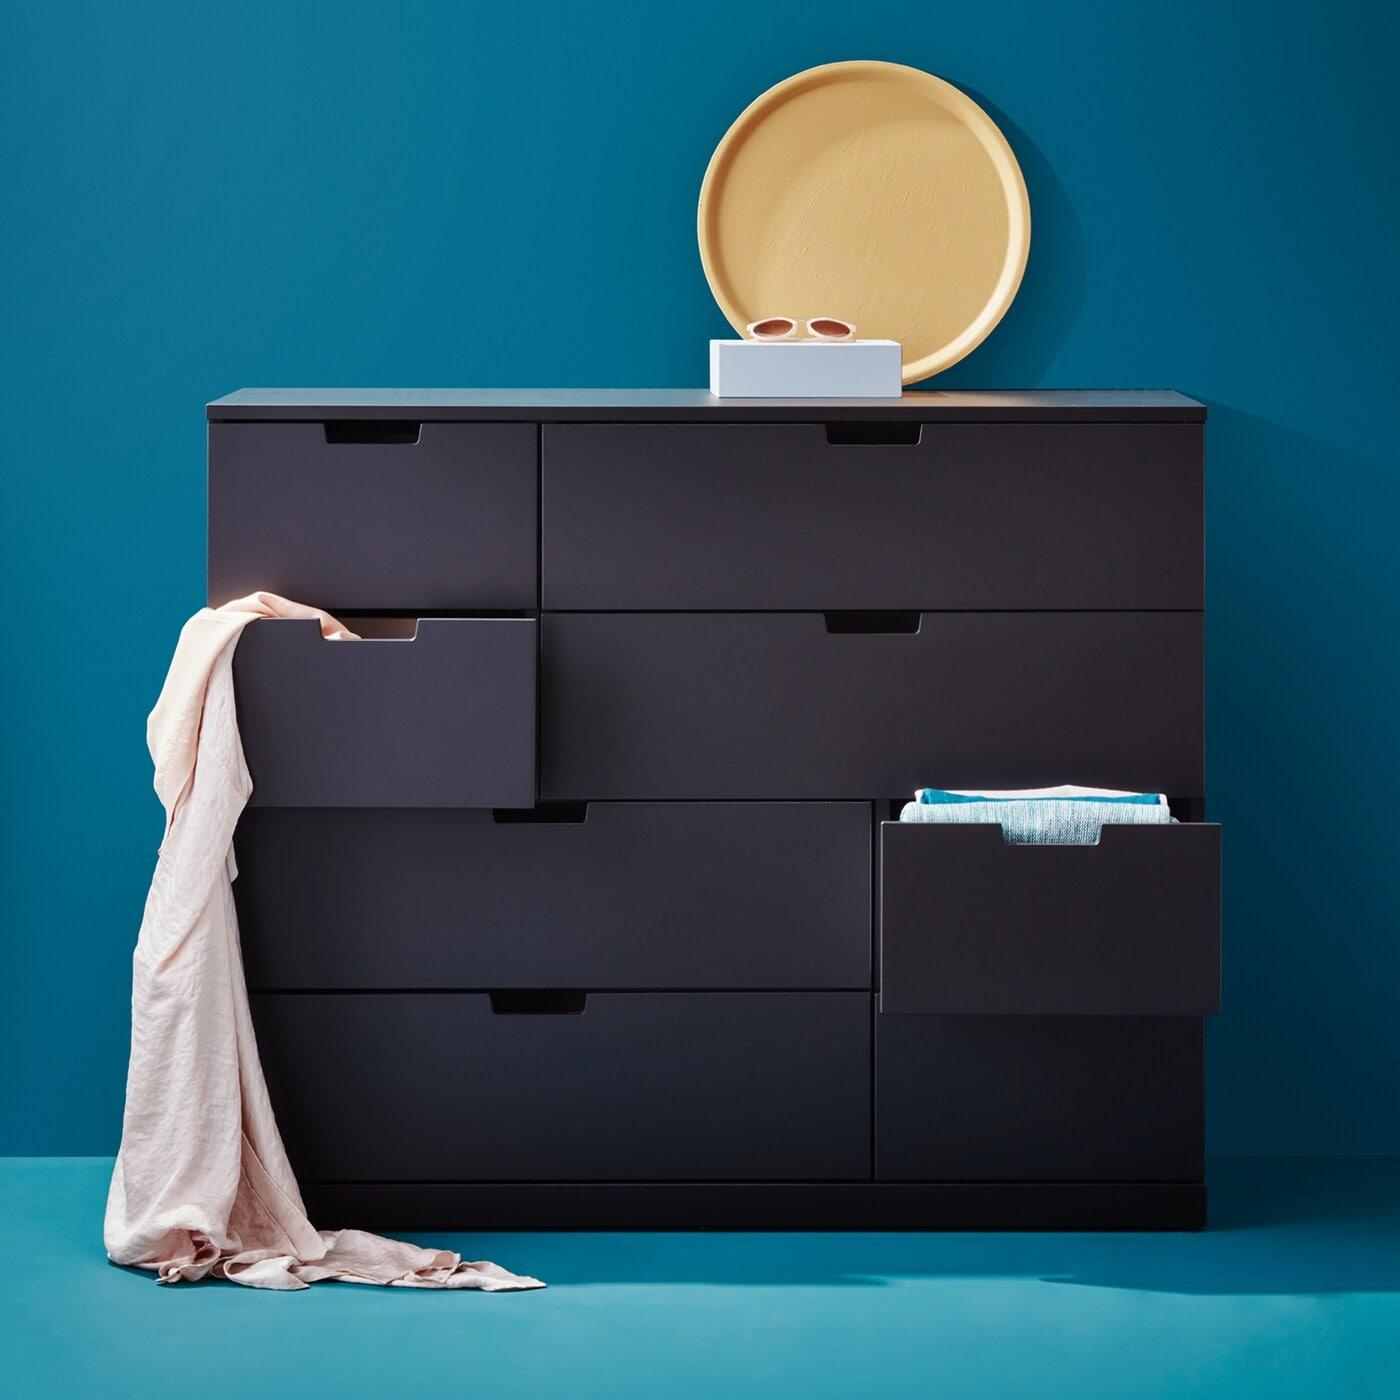 Runder Esstisch Holz Ikea | Dolce Vizio Tiramisu